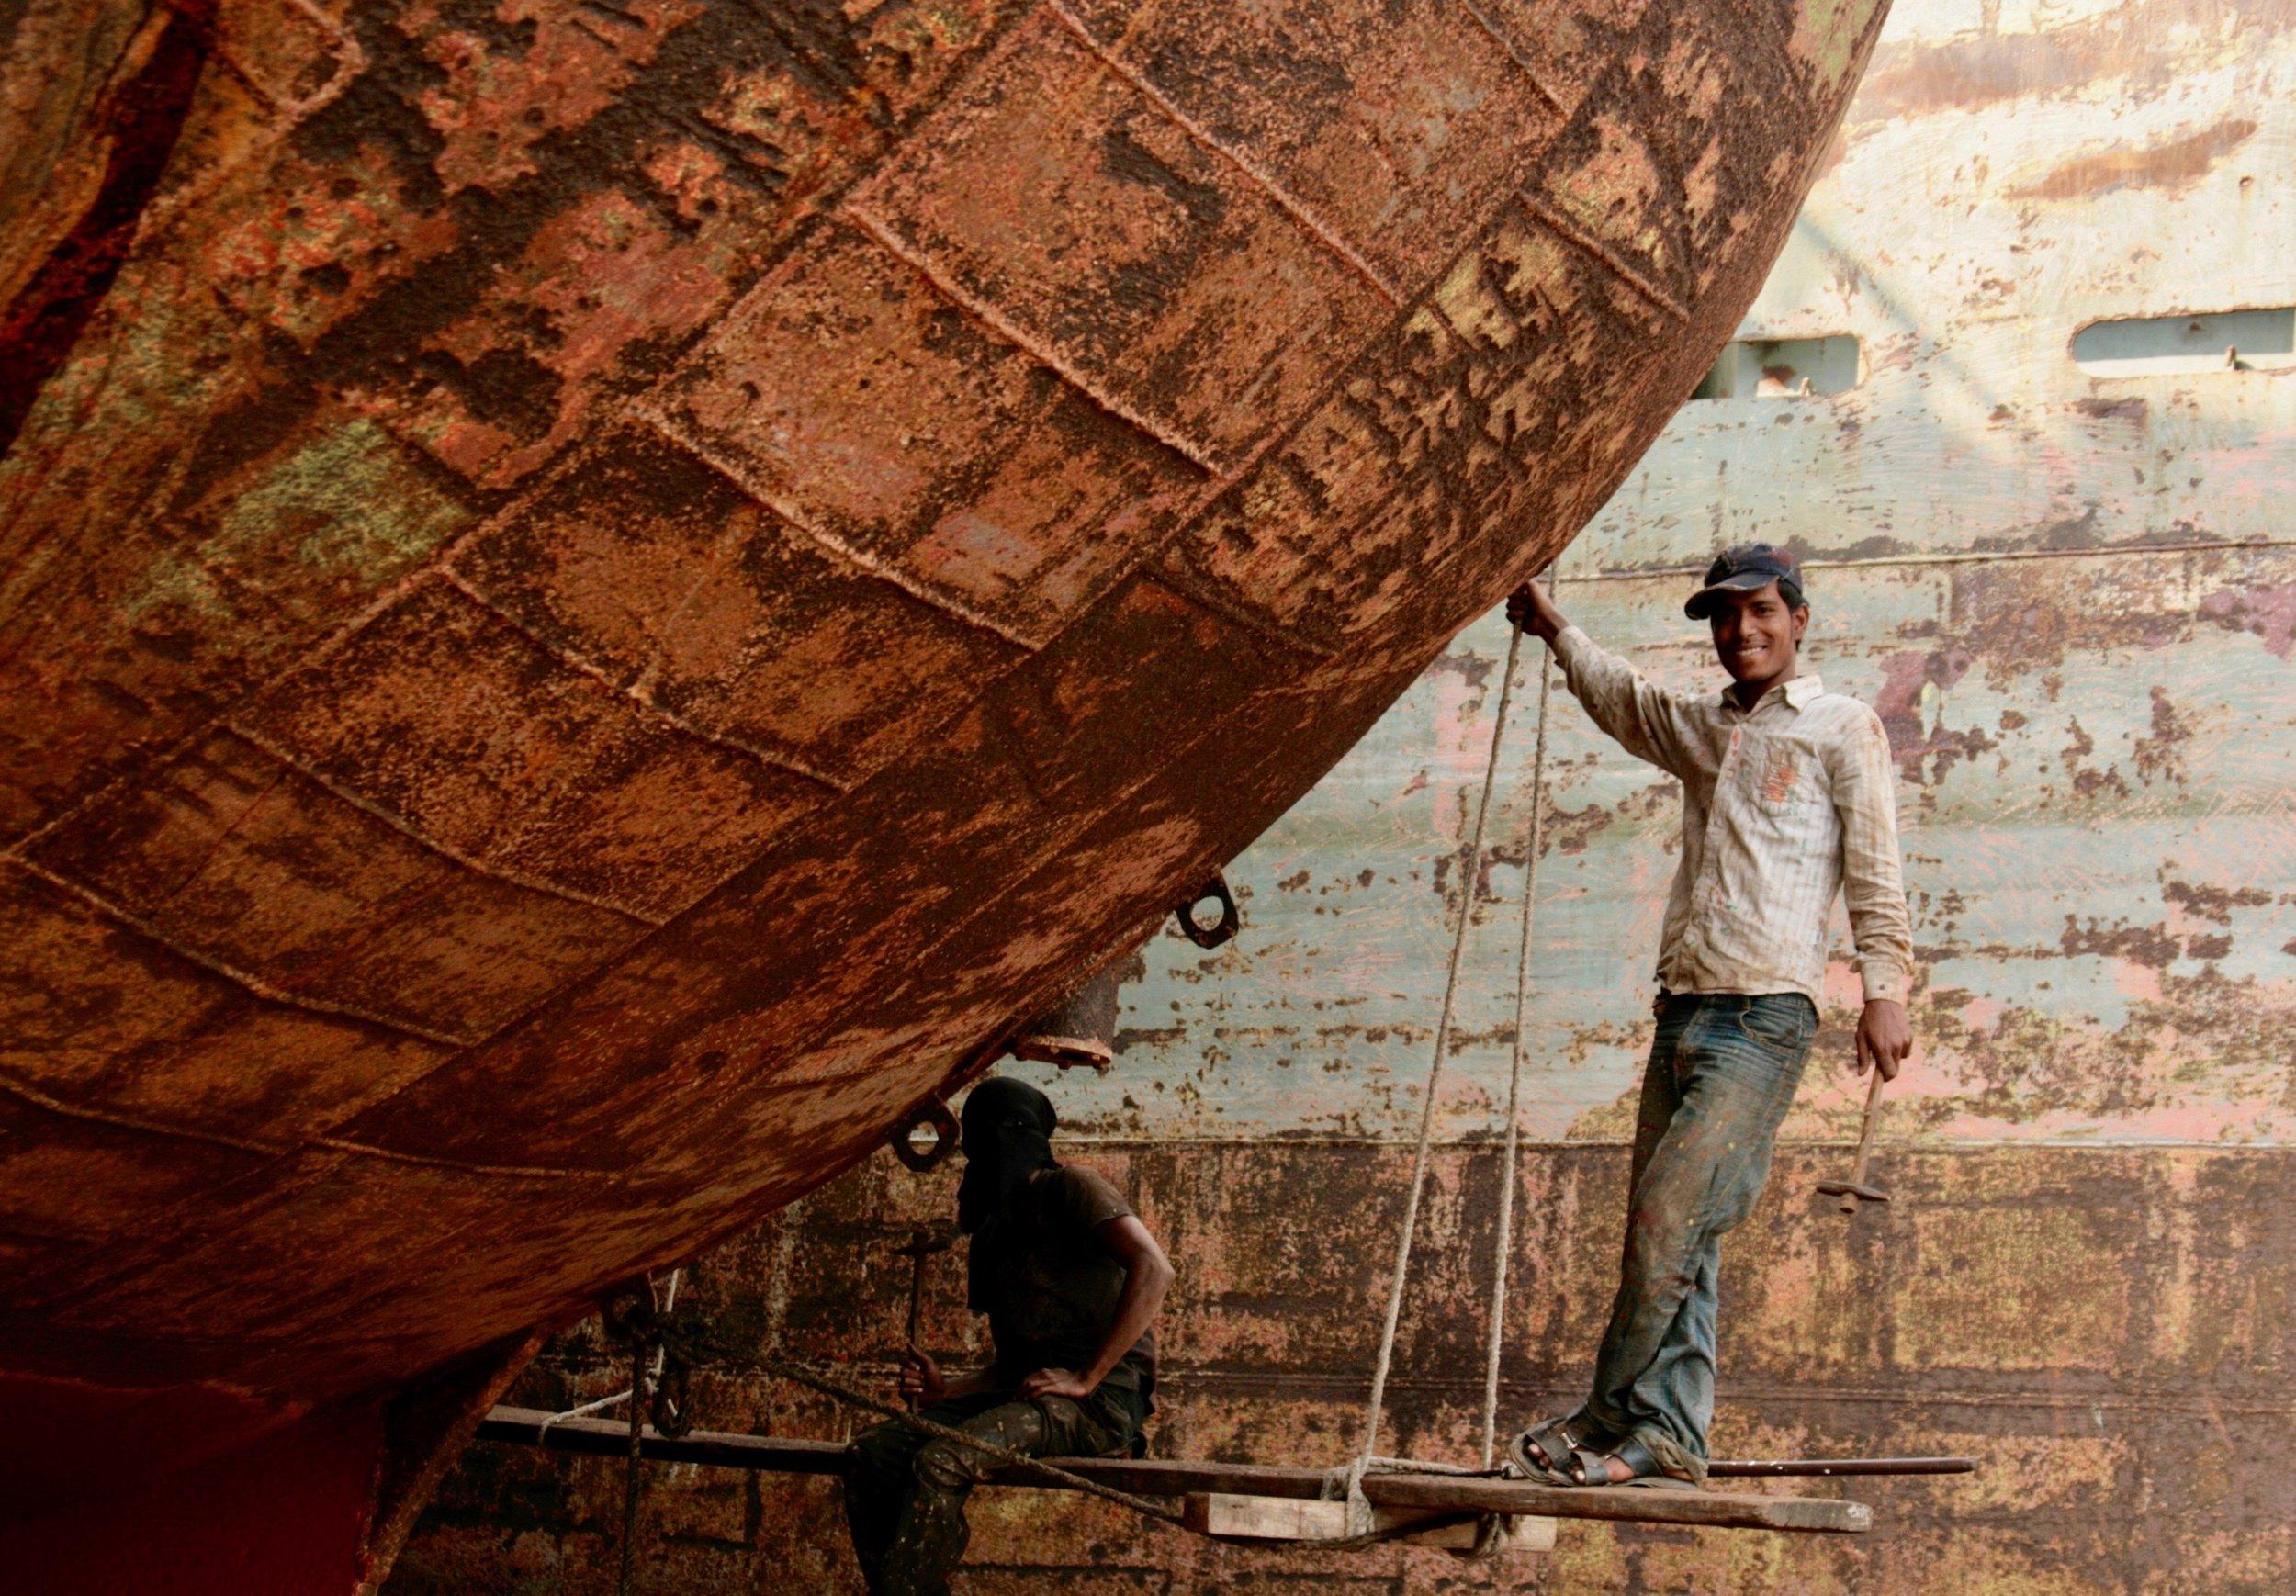 People-Ship Cleaner.jpg